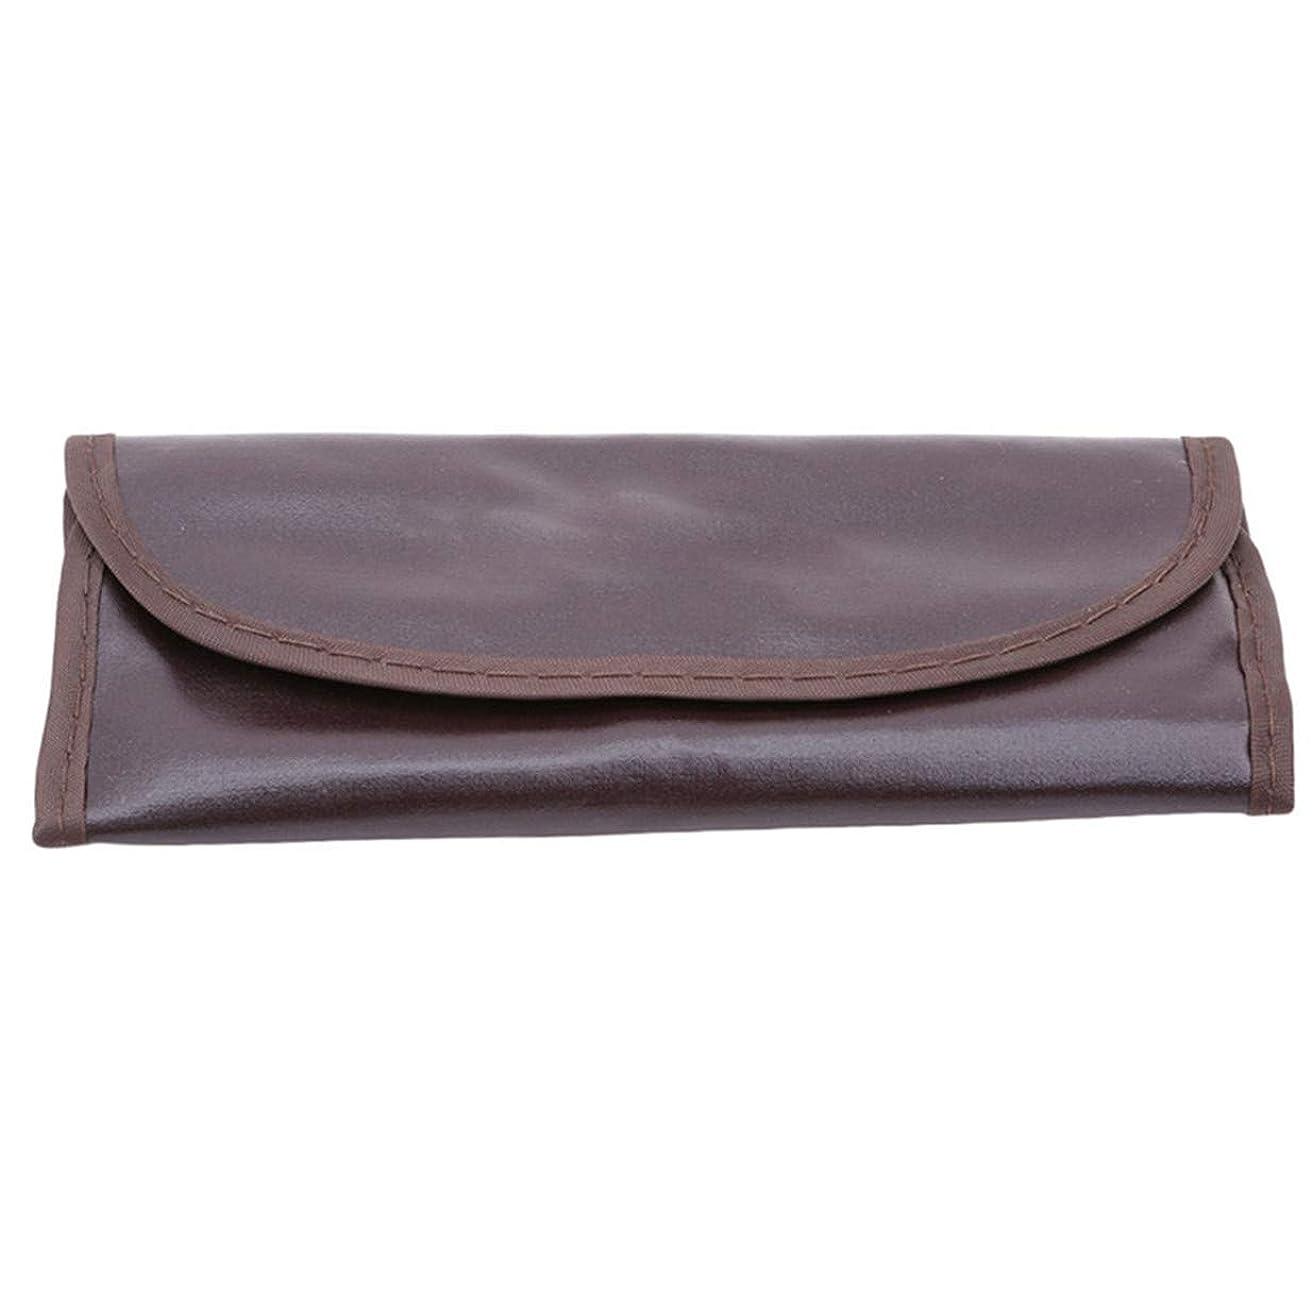 袋キャスト手を差し伸べる1st market 化粧品のBagblackが付いている耐久の7Pcs柔らかいアイシャドウの唇の化粧筆